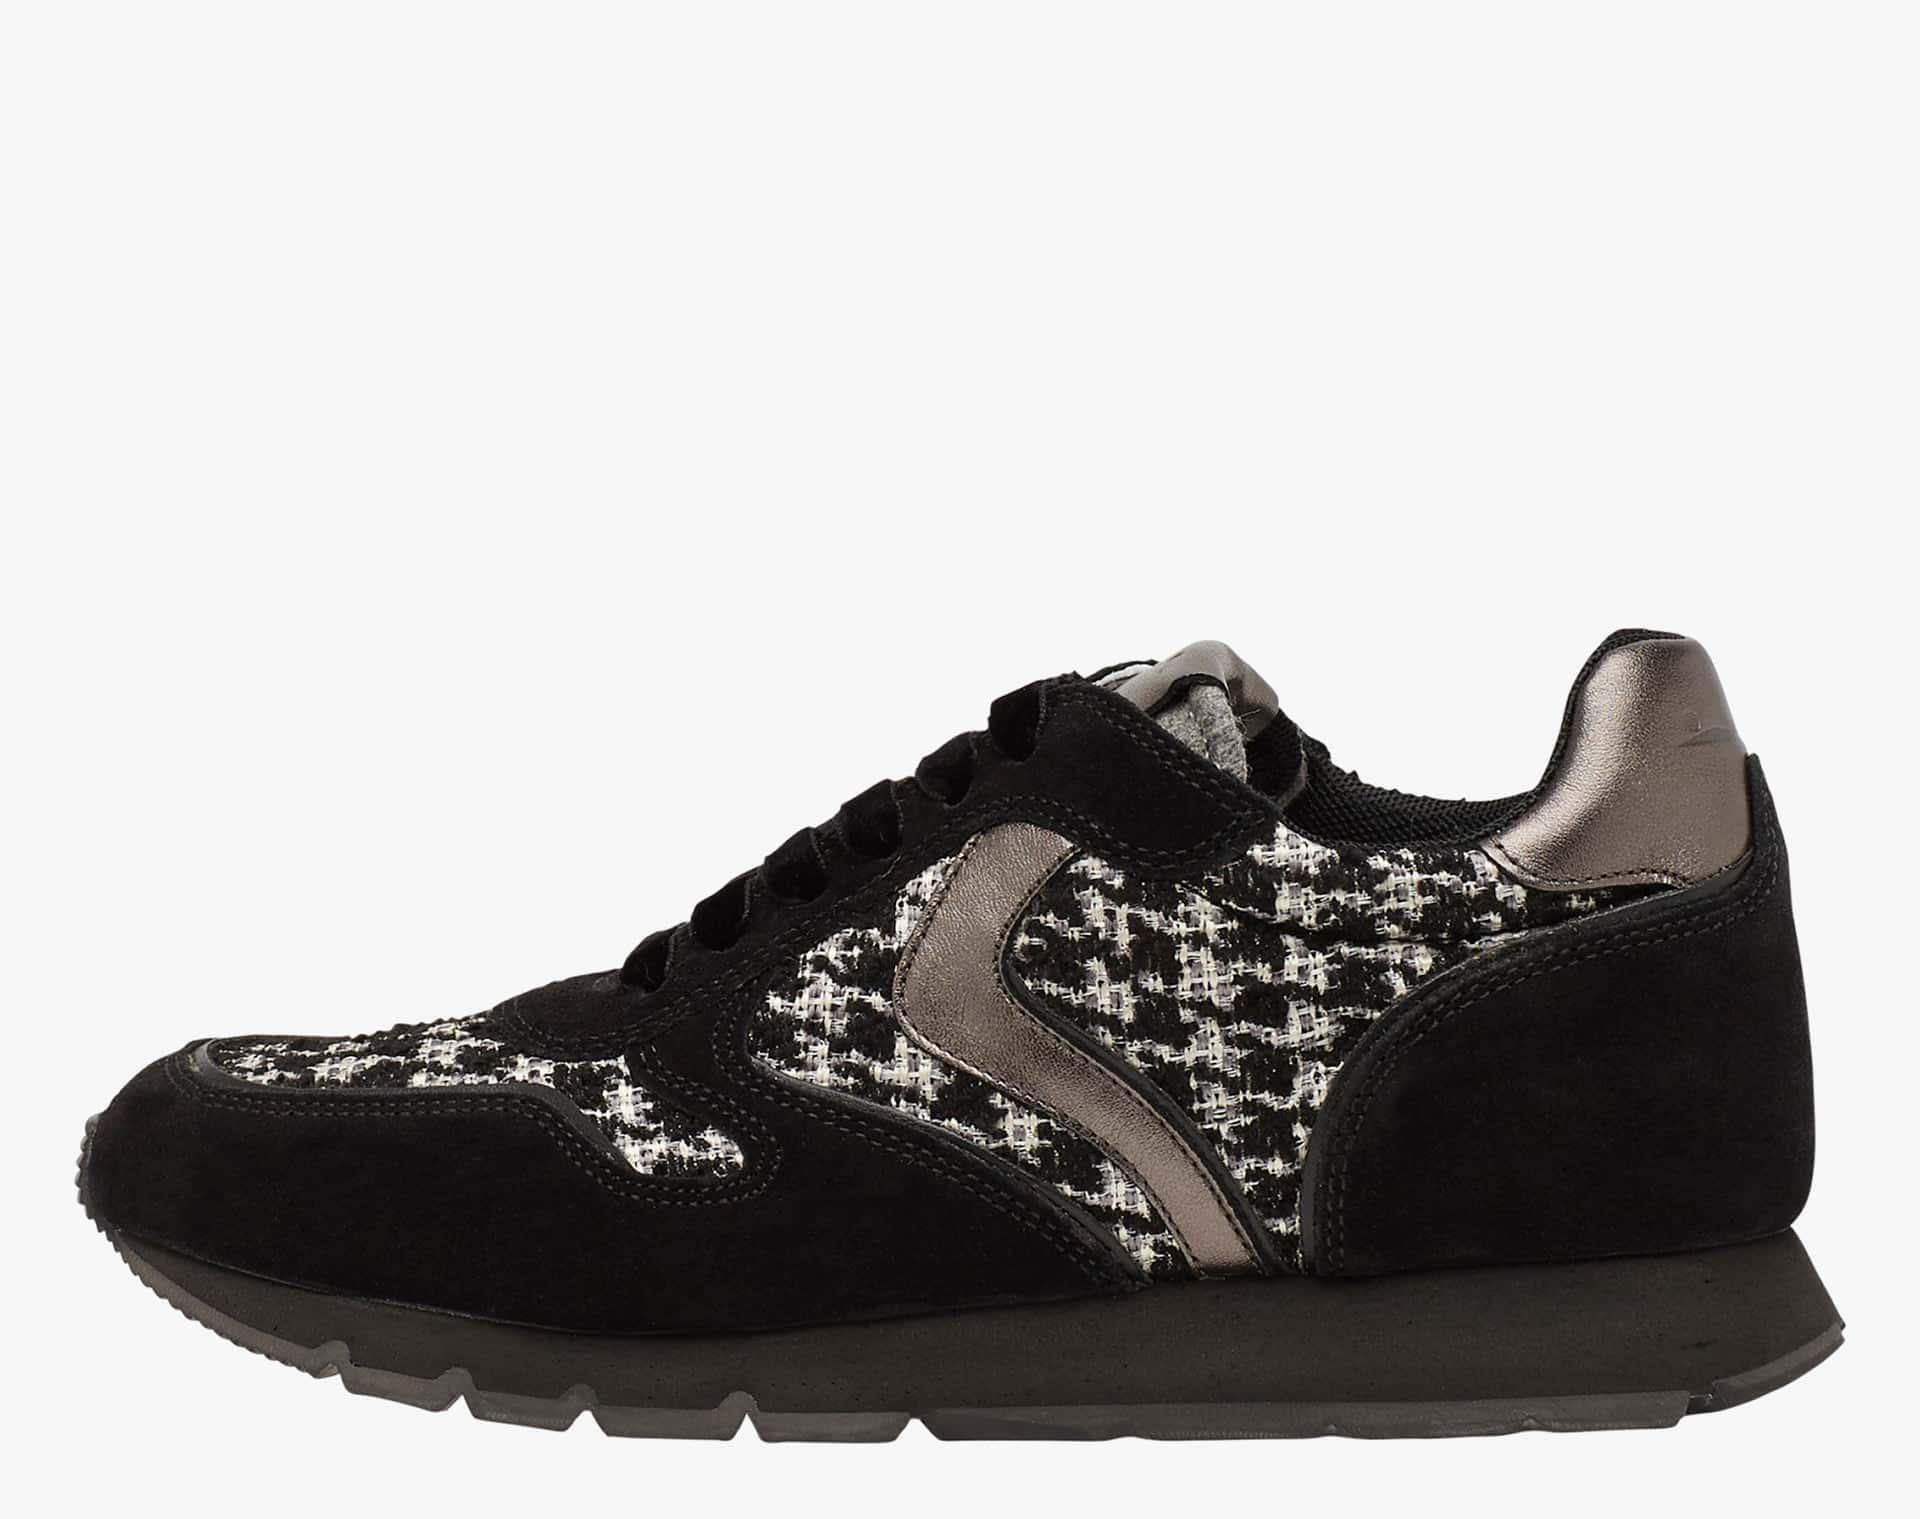 JULIA - Sneakers in pelle e tessuto - Nero